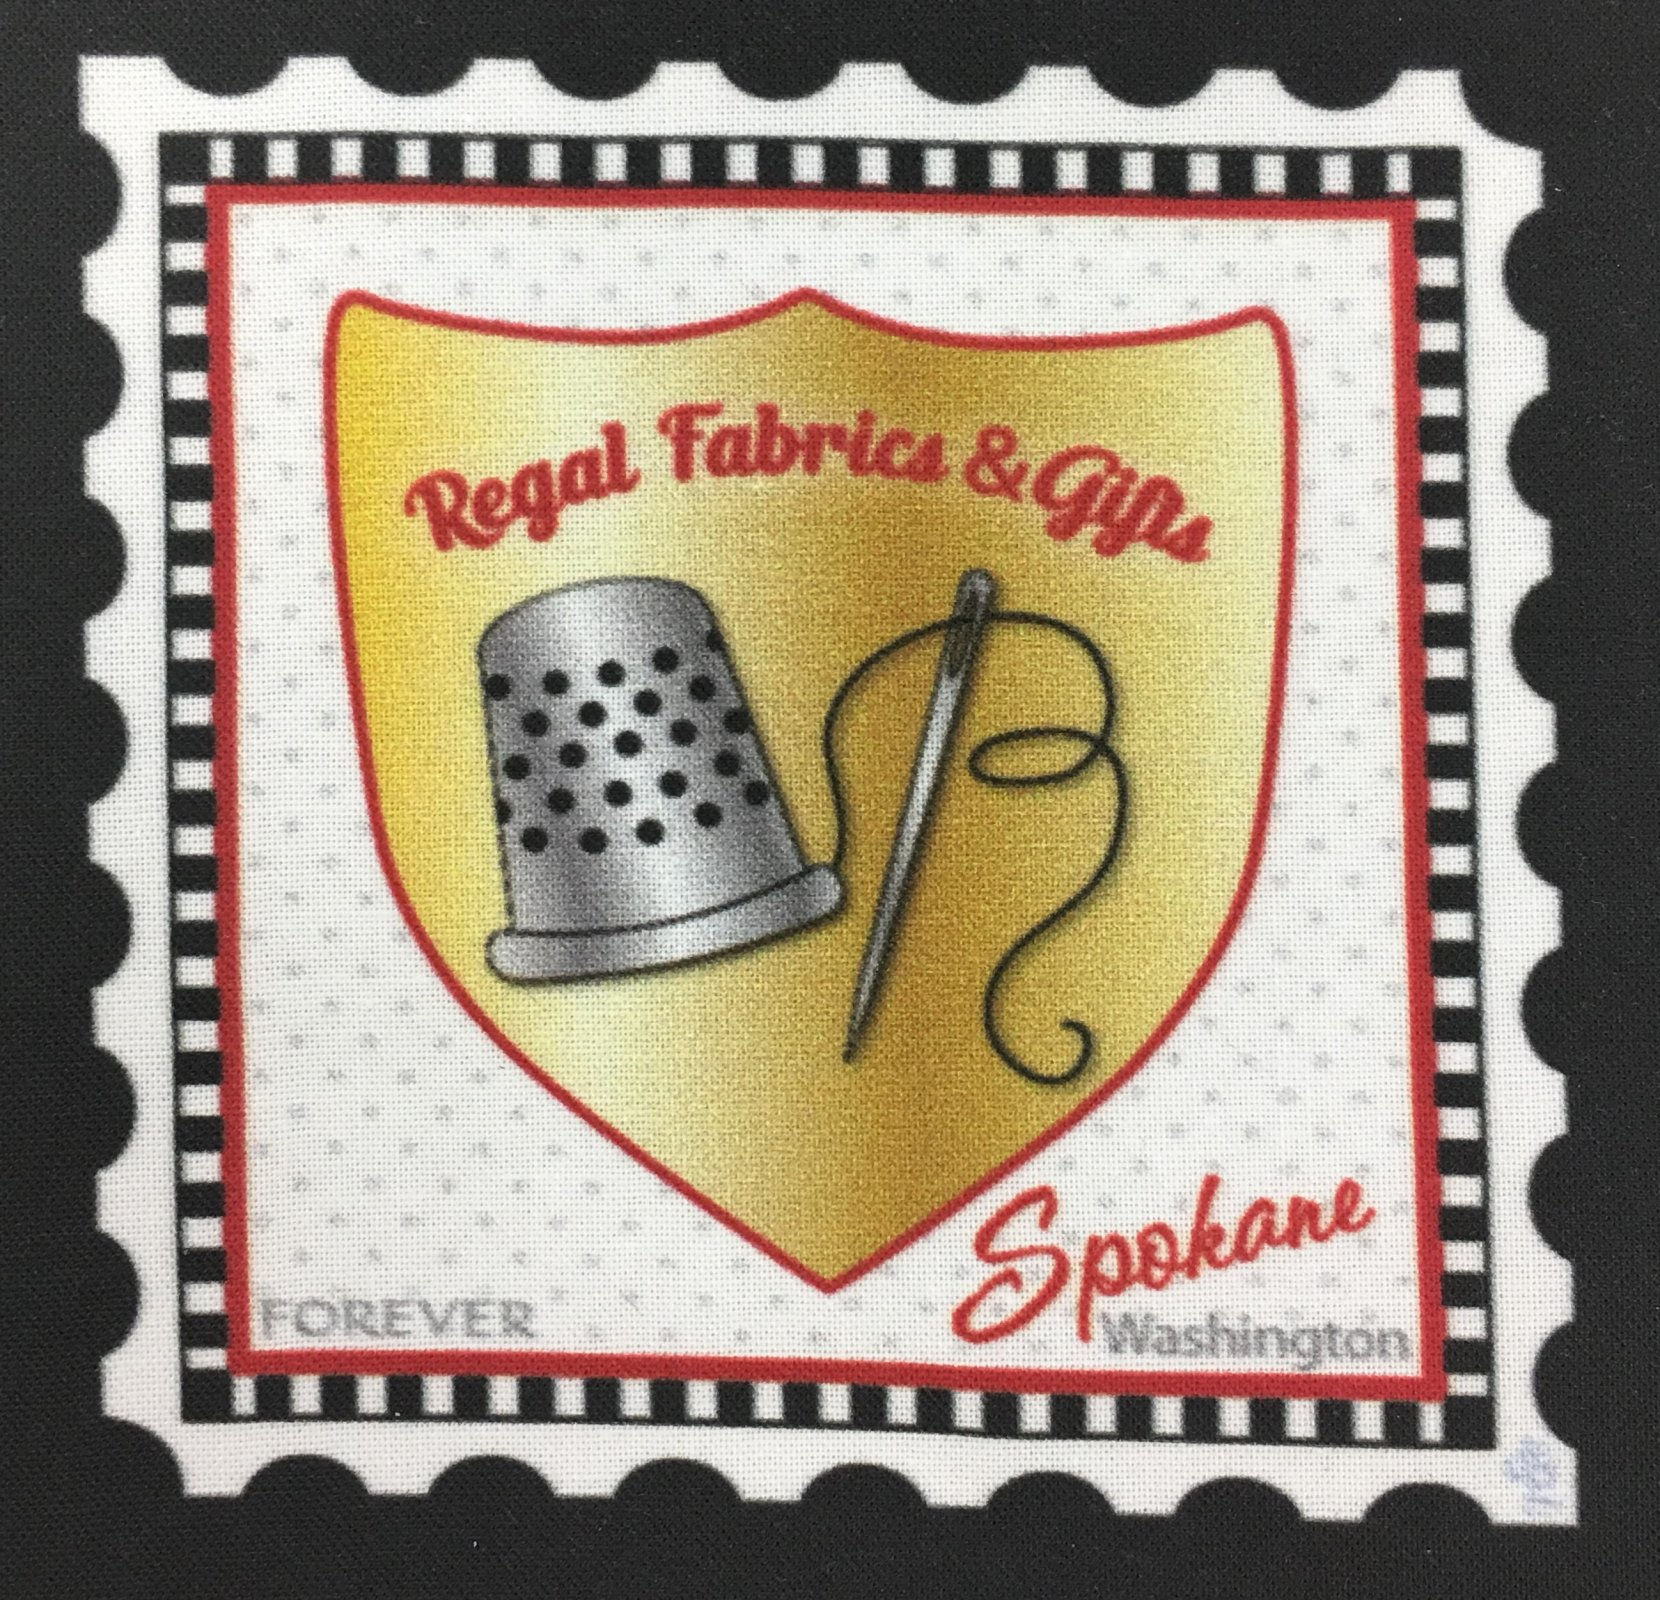 Regal Fabrics& Gifts Logo Stamp